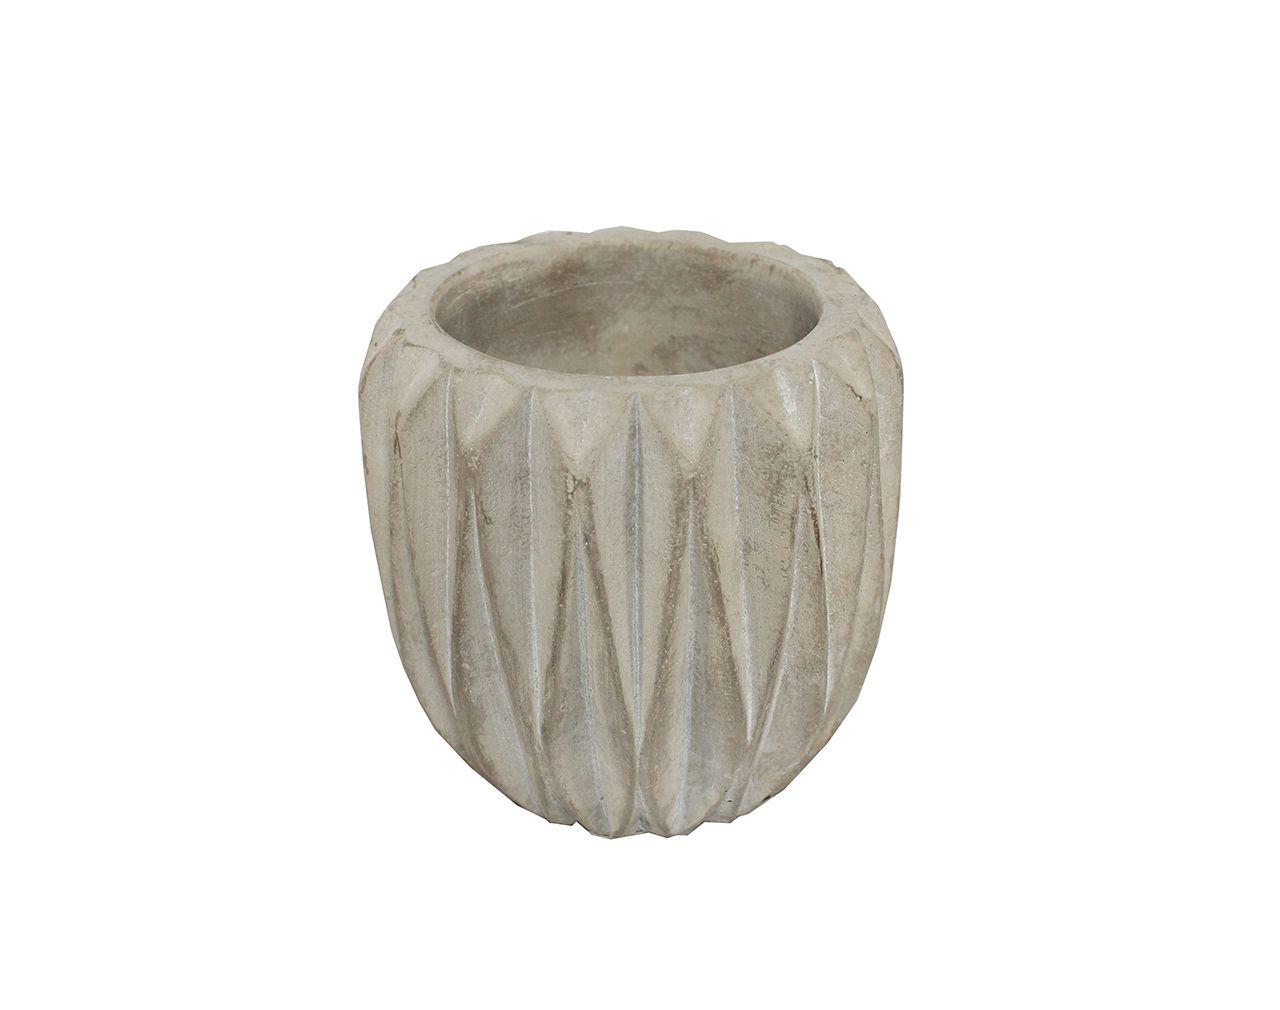 Vaso de cimento/cerâmica frisado médio - 9,30 altura x 8cm boca